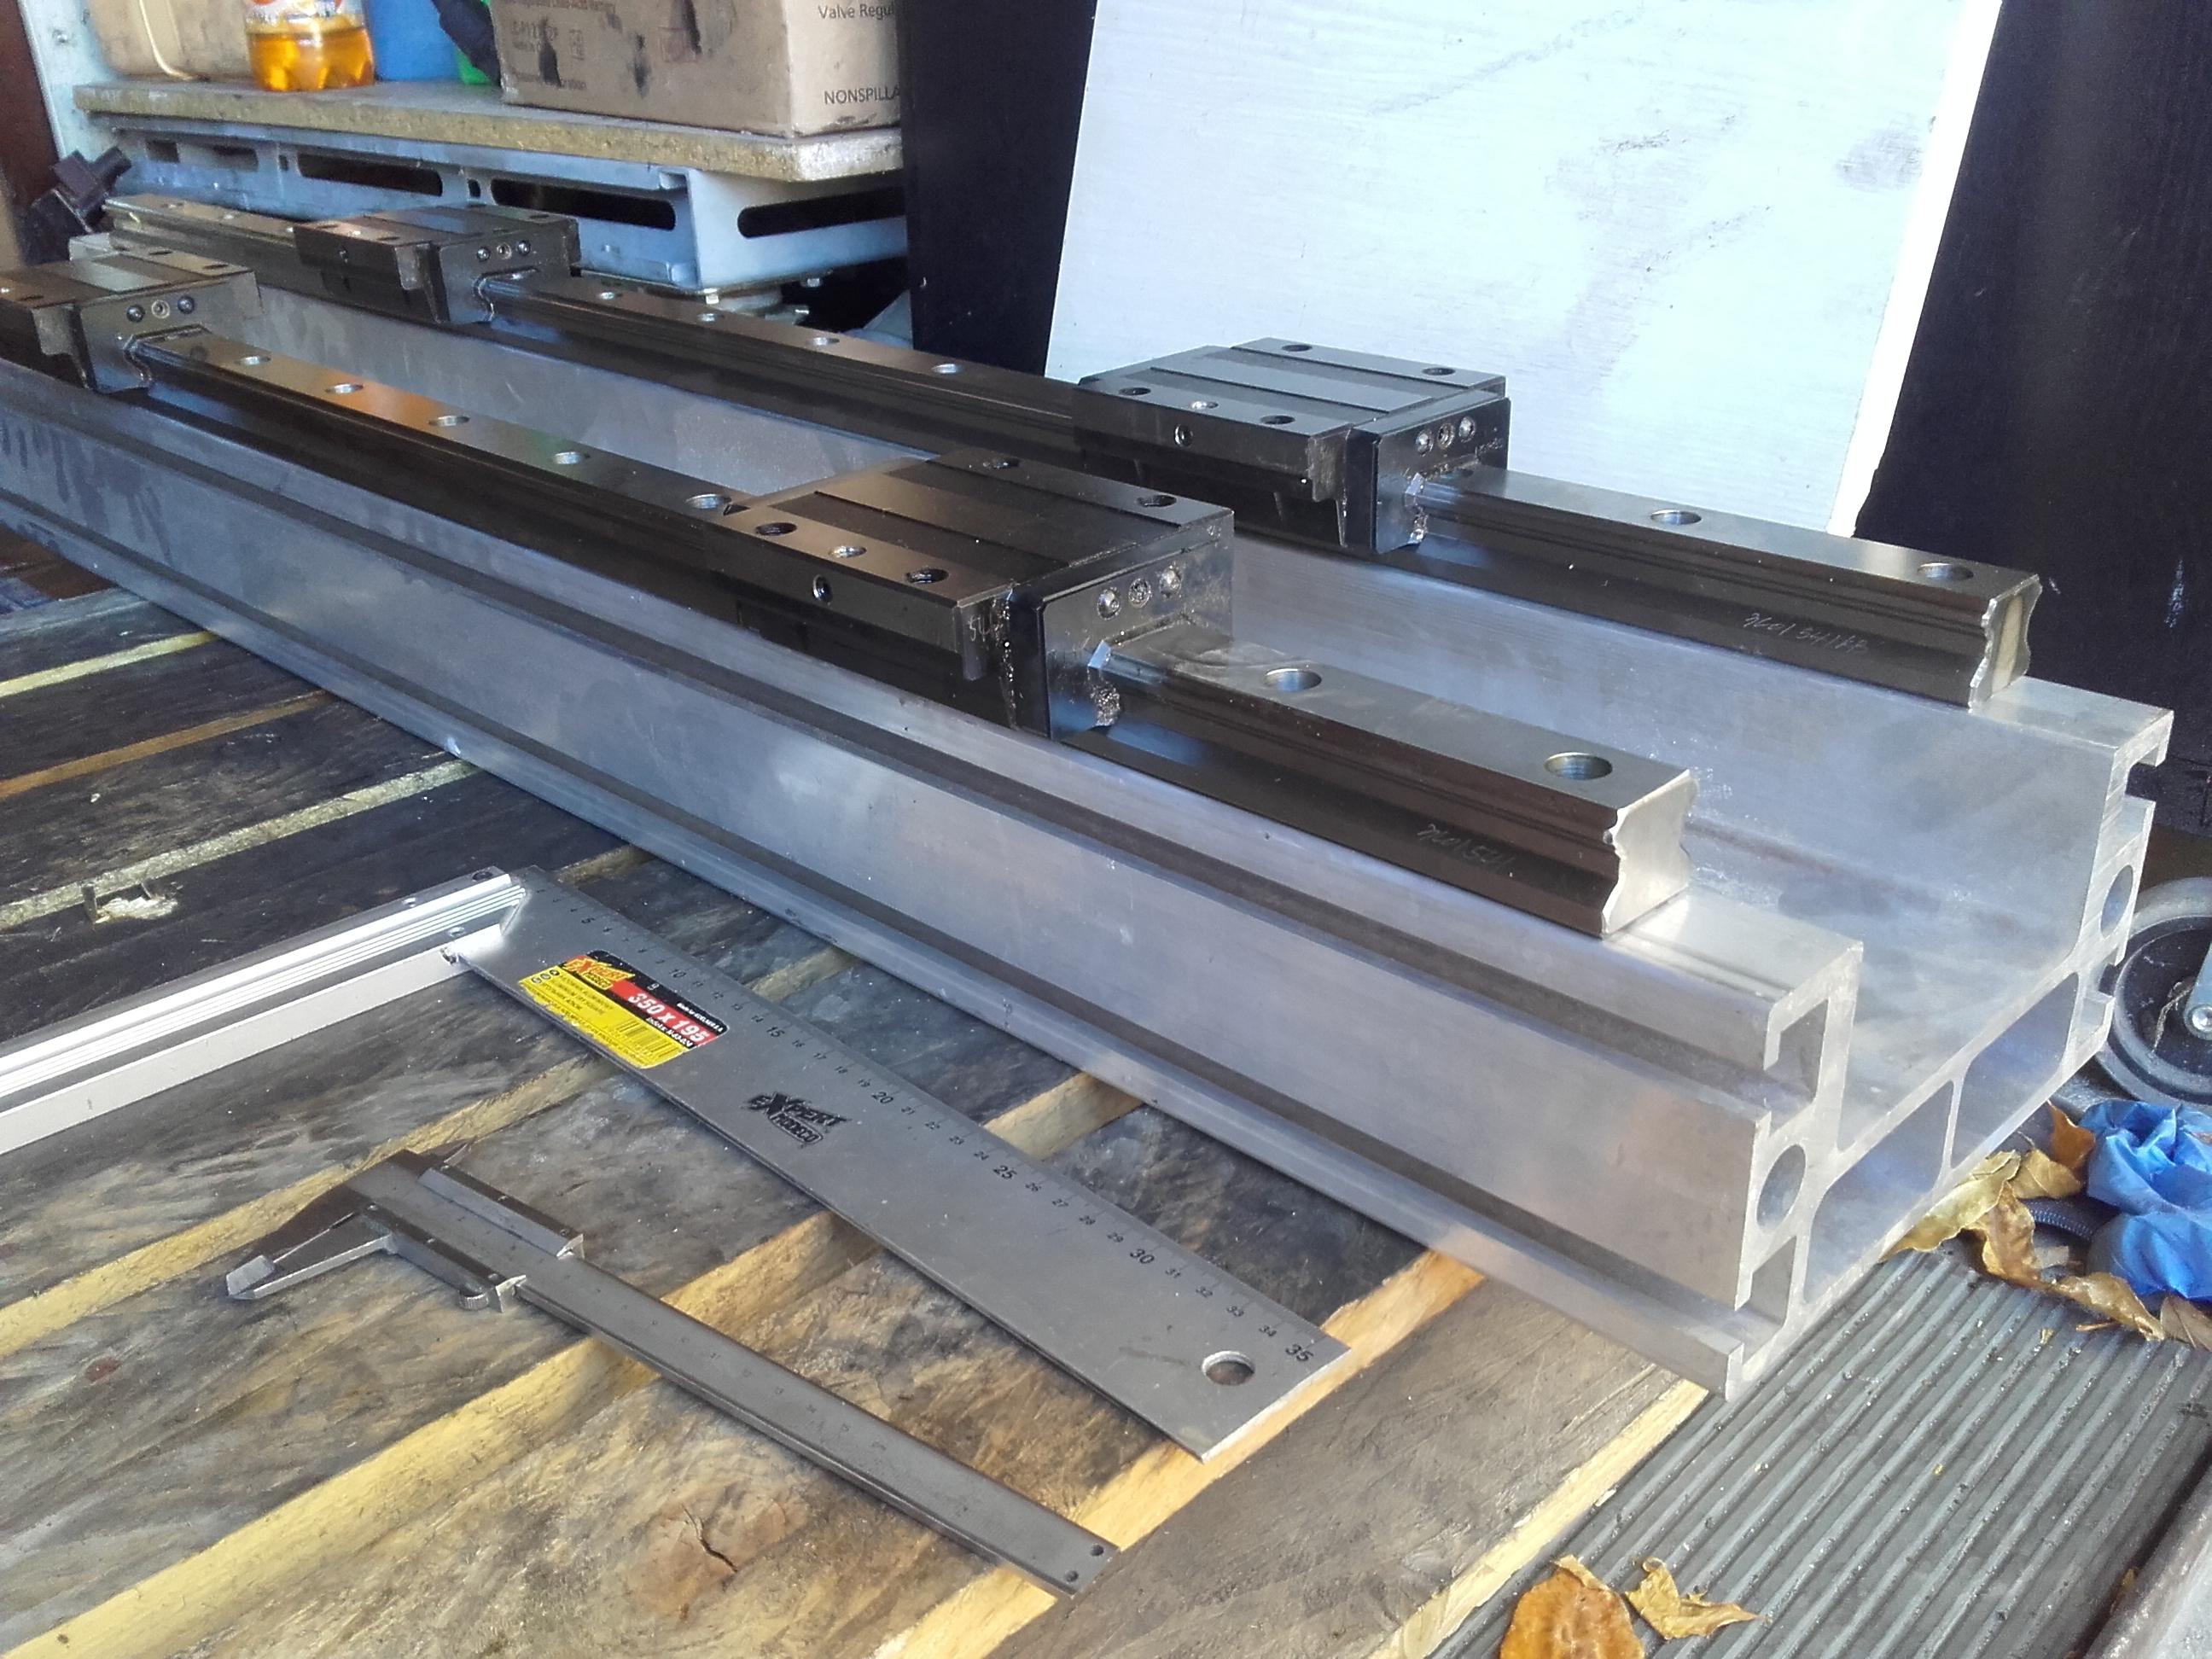 Rewelacyjny Sprzedam] Grube profile aluminiowe CNC C beam - elektroda.pl CC76